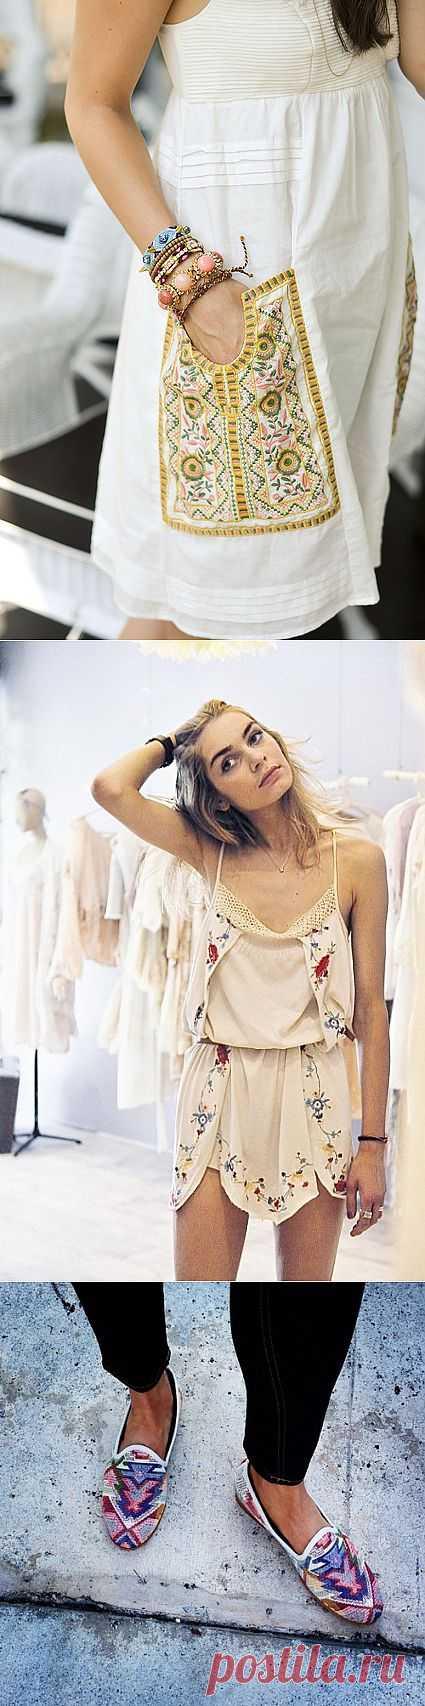 Интересные вышивки (подборка) / Вышивка / Модный сайт о стильной переделке одежды и интерьера